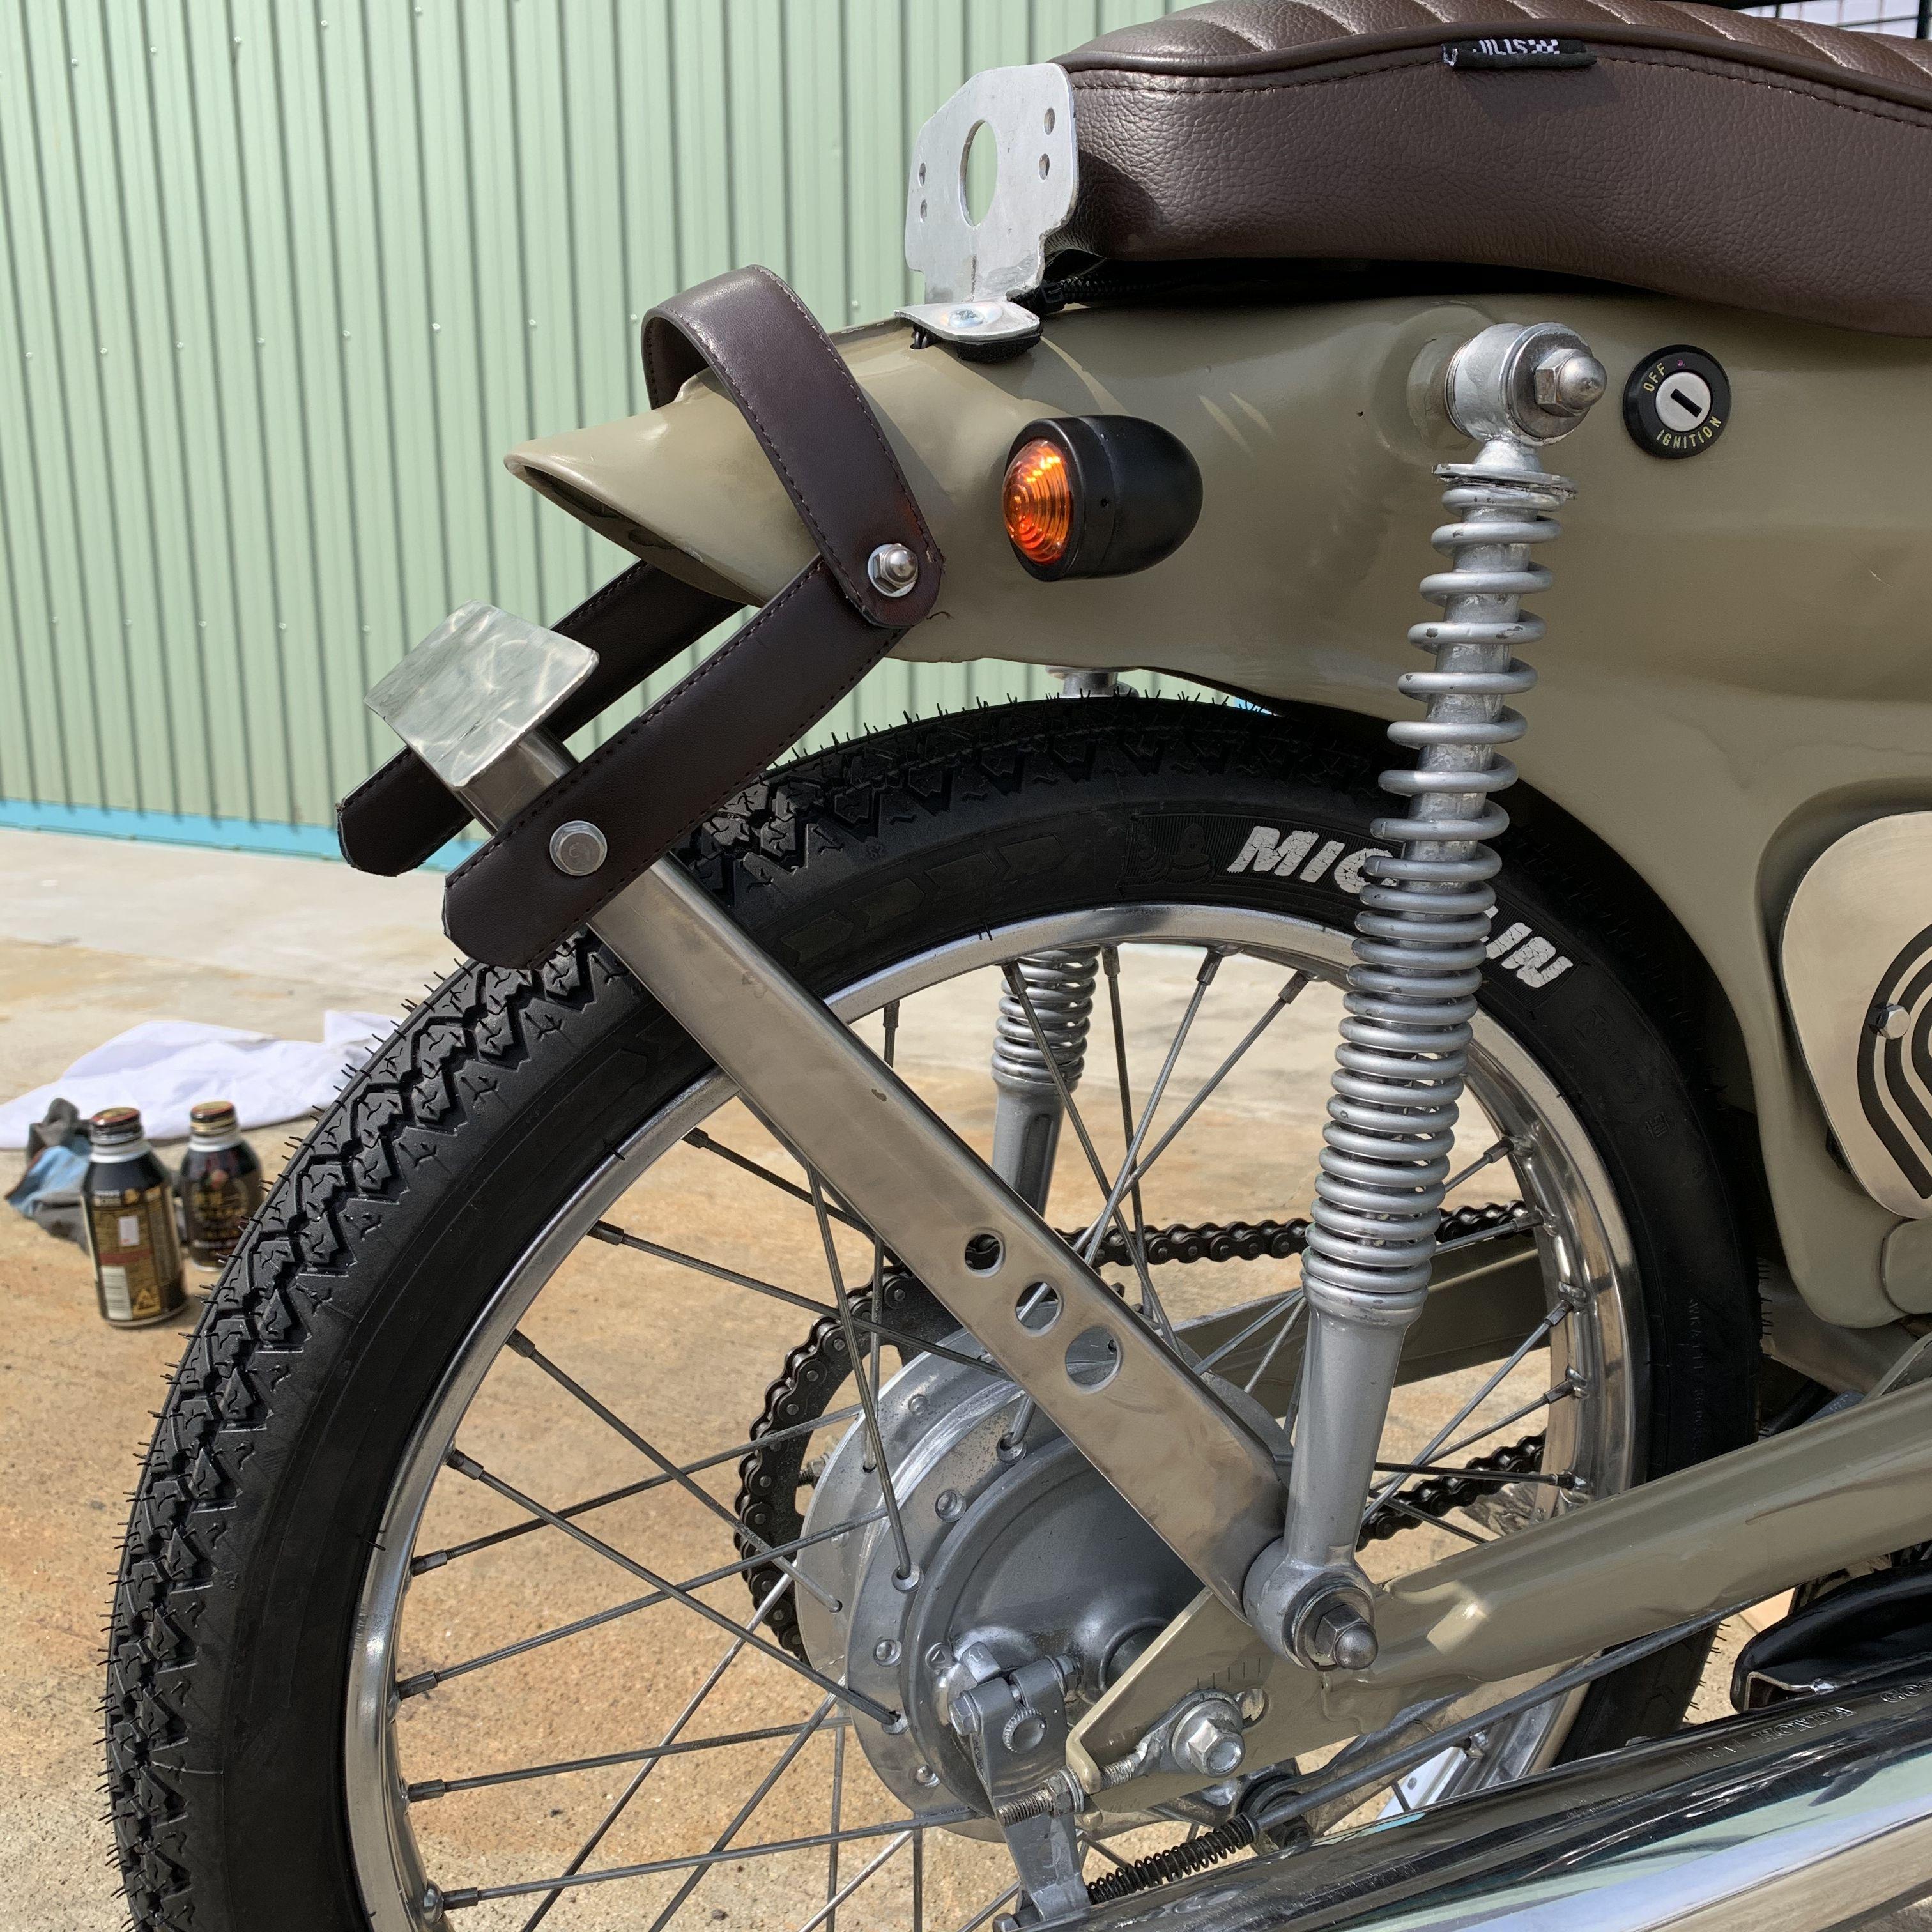 ナンバーステー制作 ナンバープレート スーパーカブ カスタム カスタムバイク